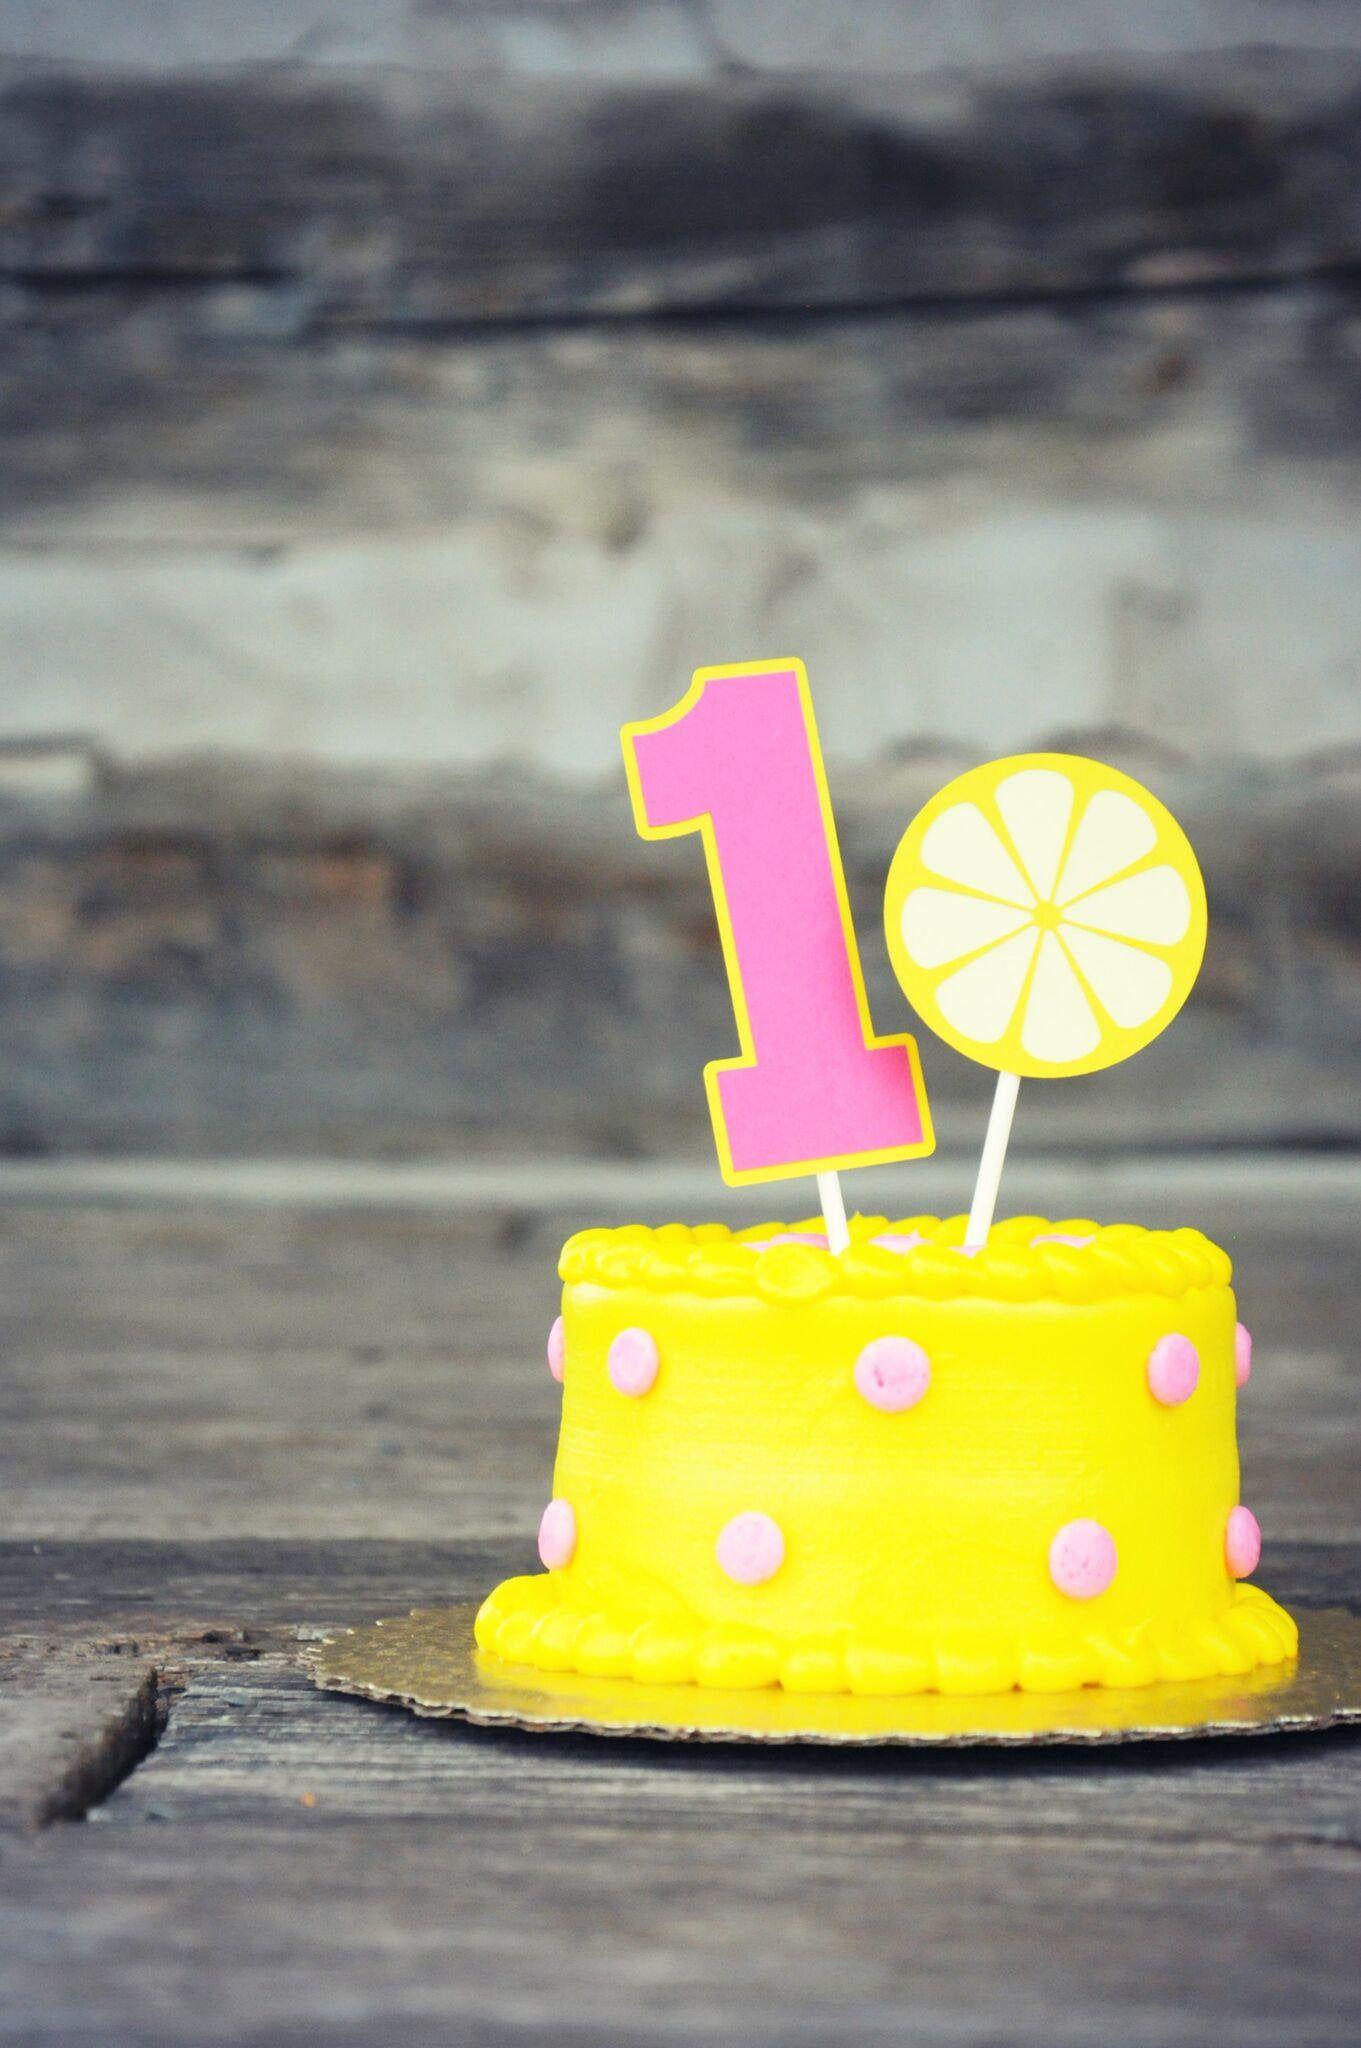 Lemonade Birthday Cake Topper, Lemonade Smash Cake Topper, Lemonade Birthday Party, Pink Lemonade Party, Lemonade First Birthday